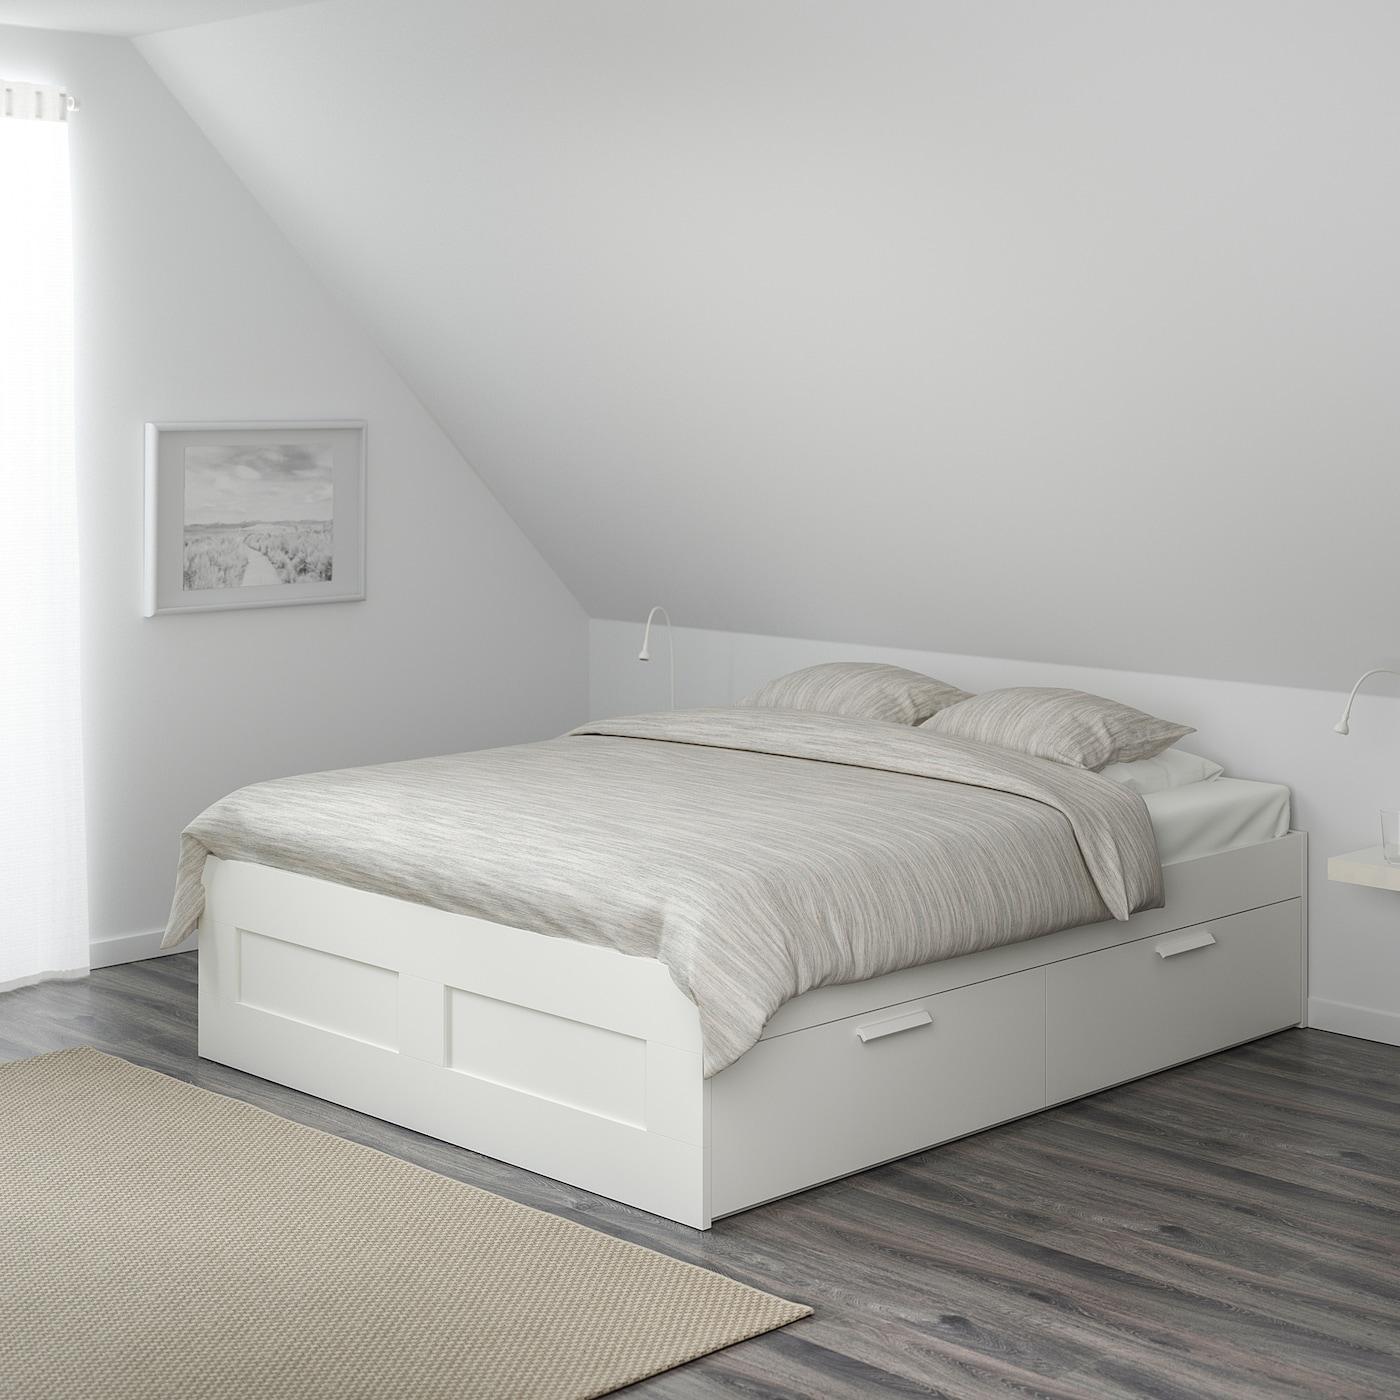 Full Size of Ikea Bett 140x200 Mit Schubladen Brimnes Bettgestell Wei Deutschland Günstig Kaufen Liegehöhe 60 Cm Amerikanisches Innocent Betten Tojo V Stauraum 160x200 Wohnzimmer Ikea Bett 140x200 Mit Schubladen